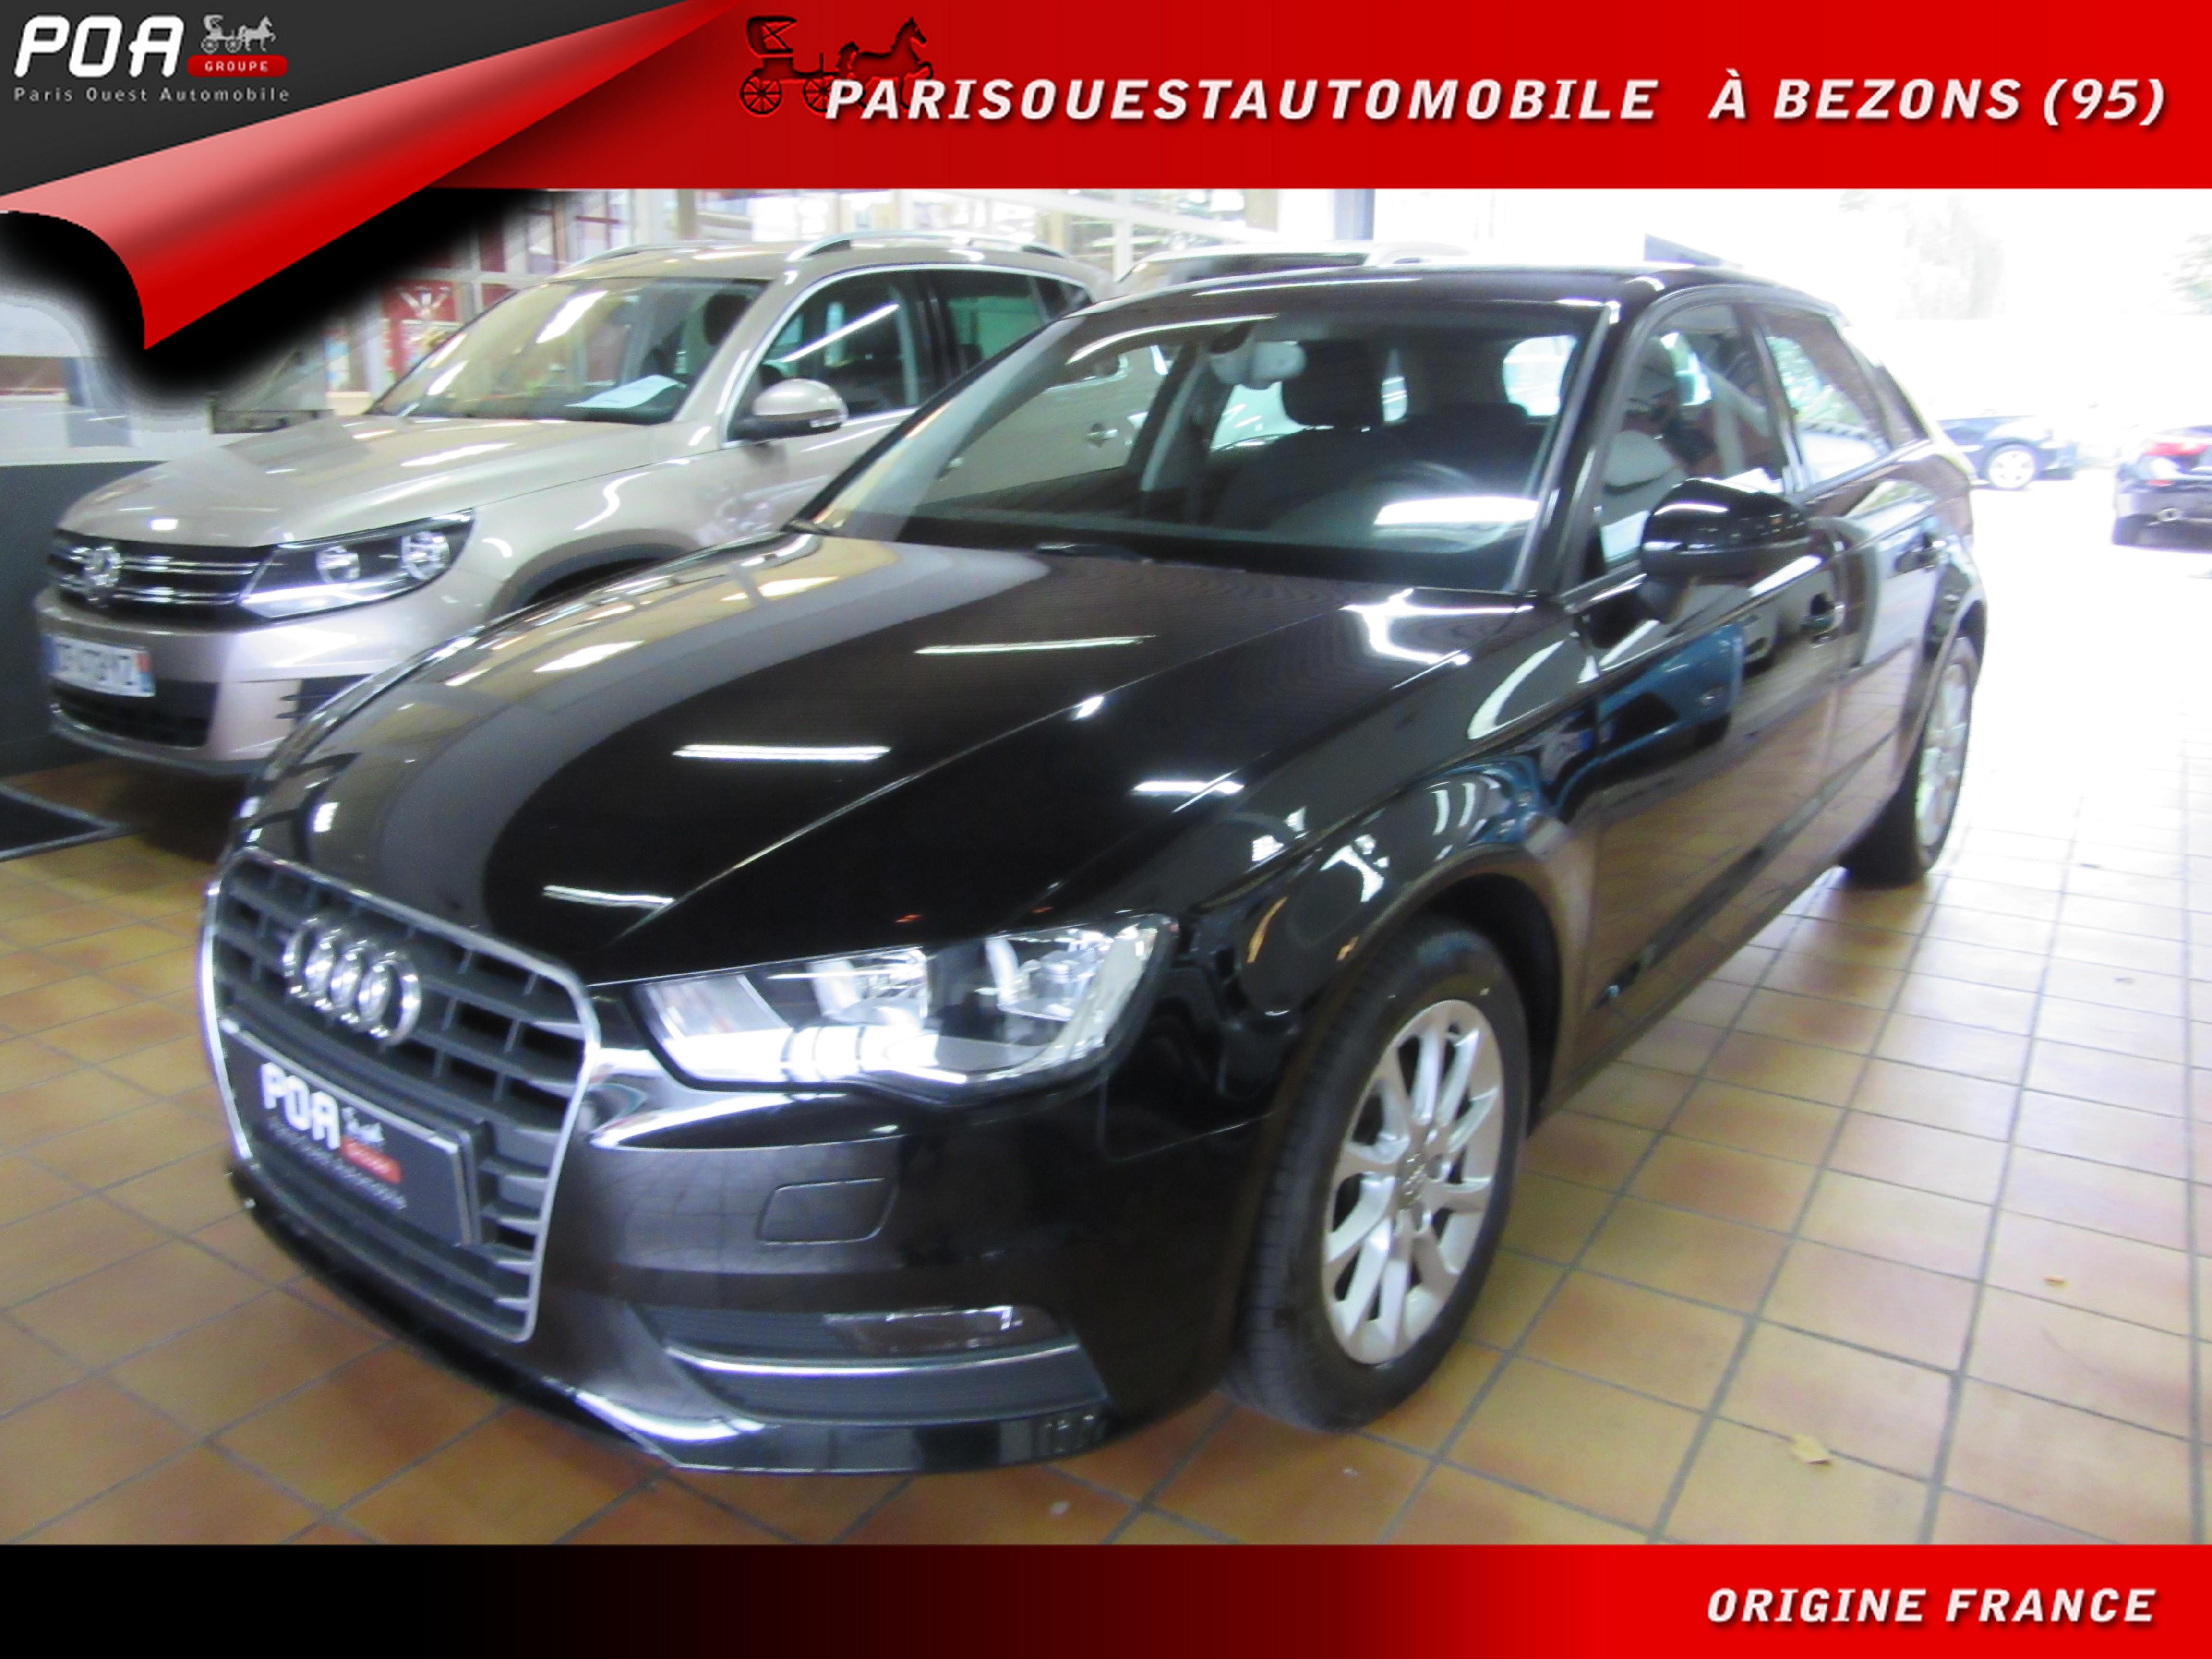 Paris Ouest Automobile Voiture Occasion Bezons Vente